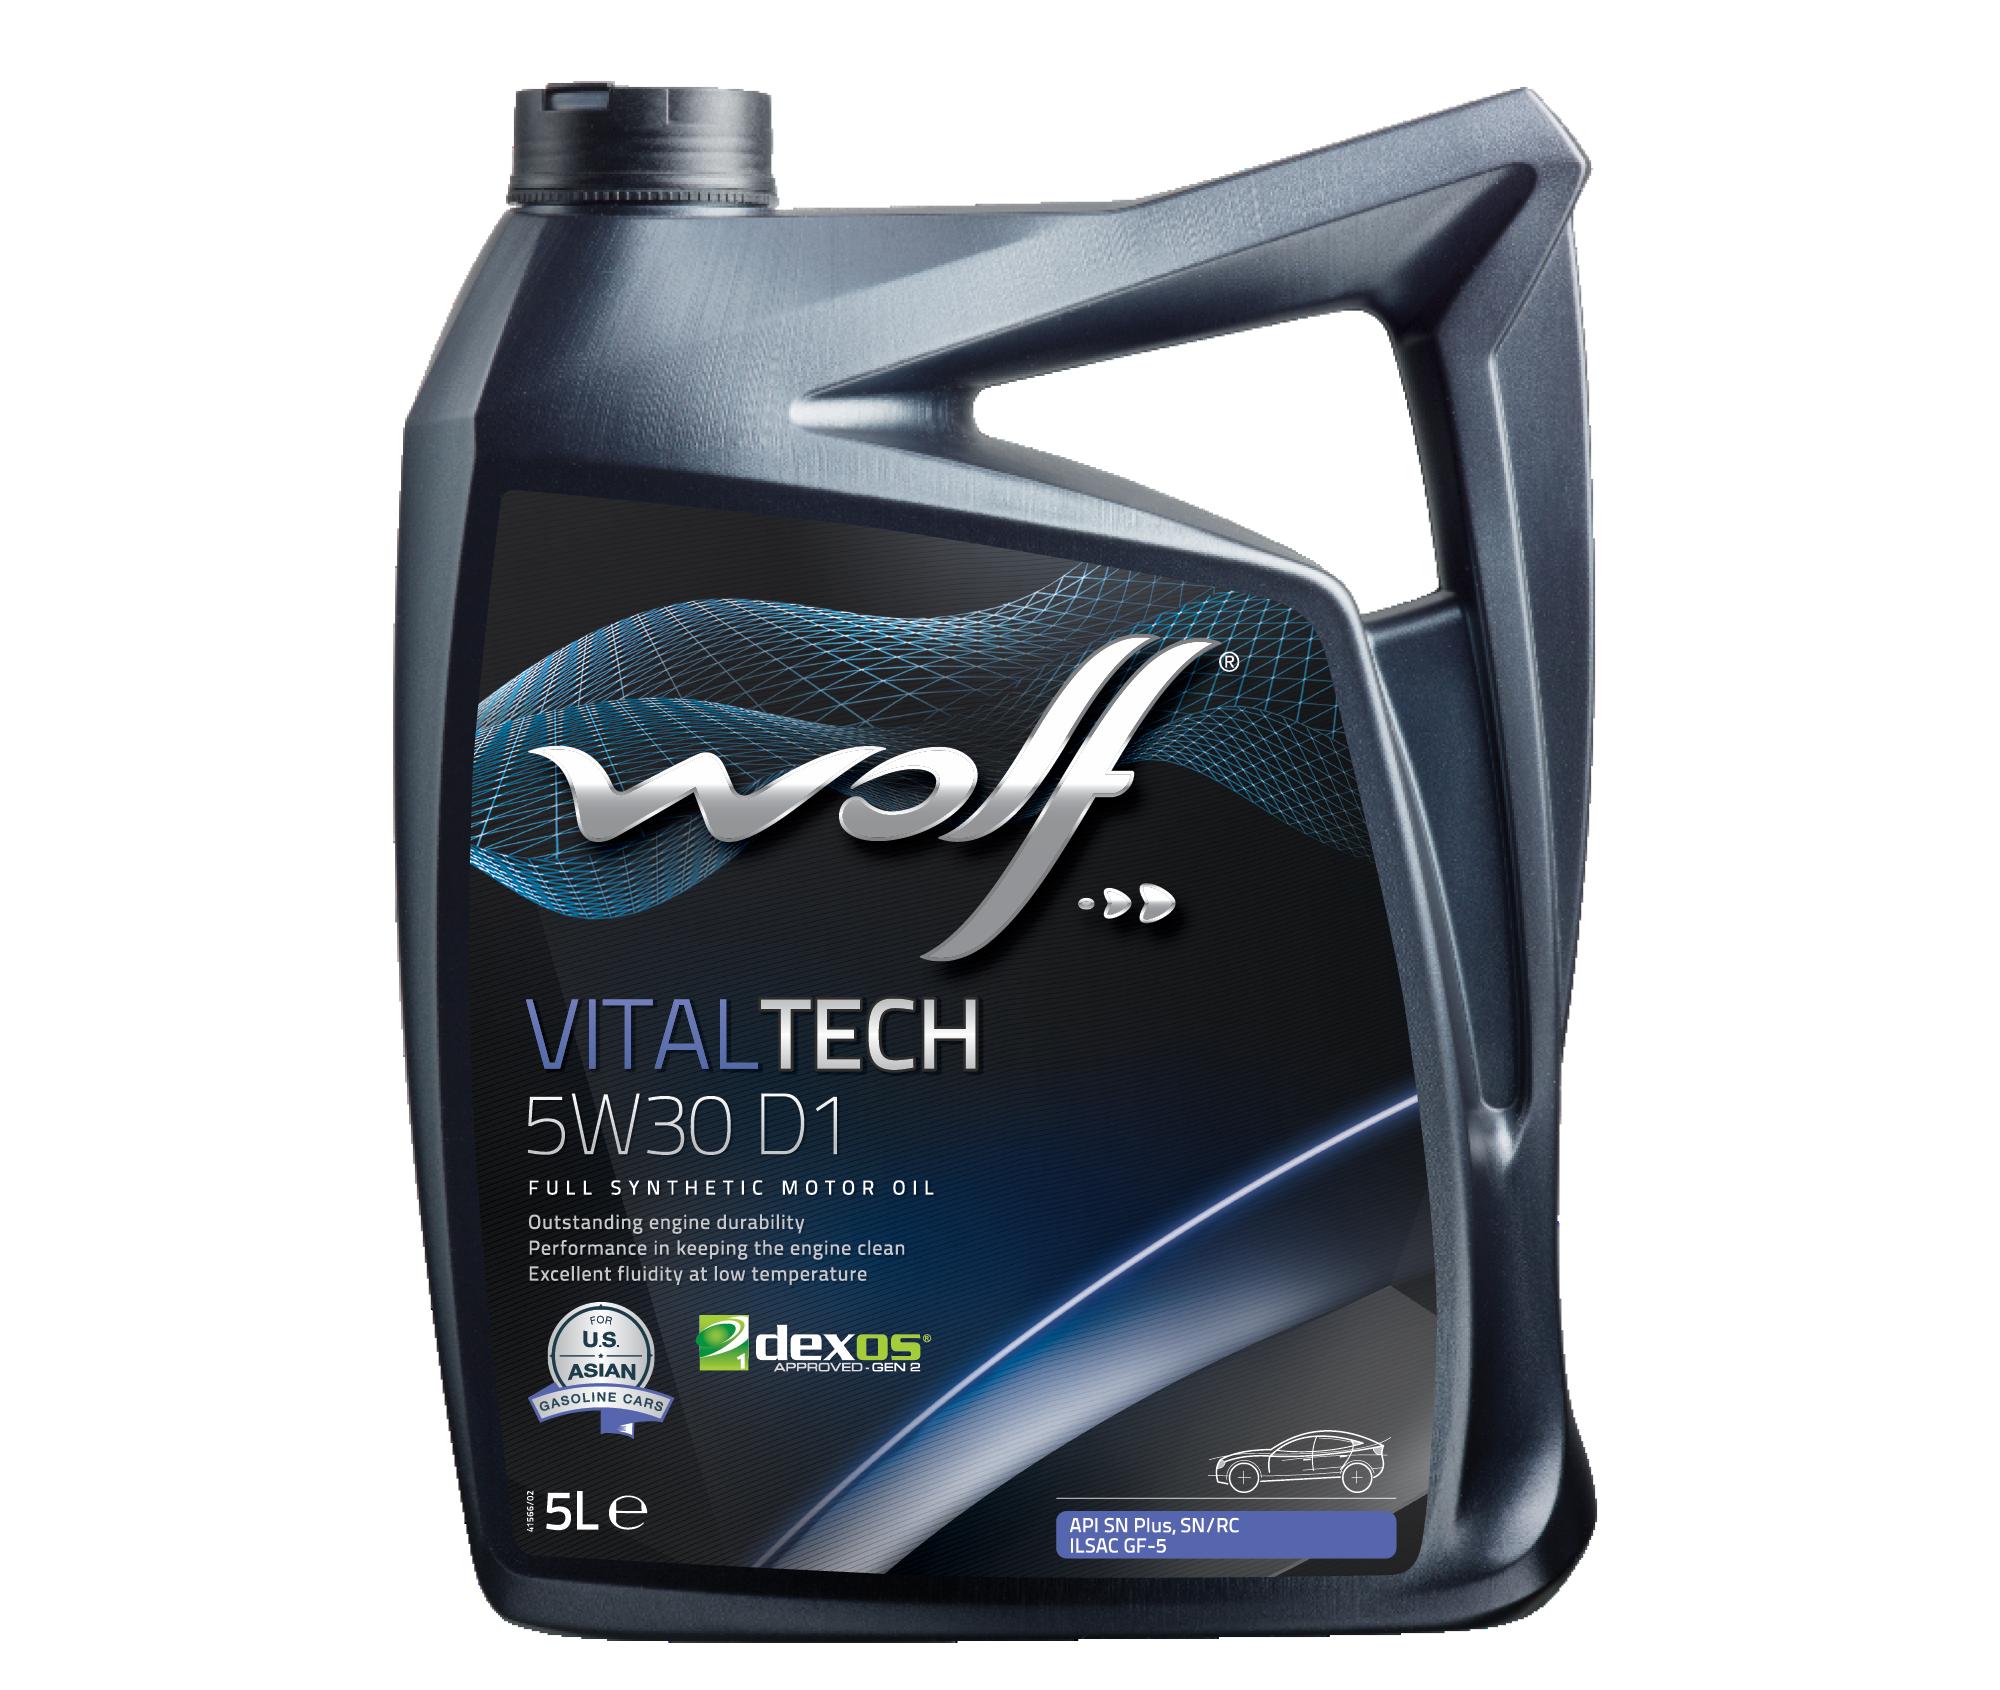 WOLF VITALTECH 5W30 D1 5L